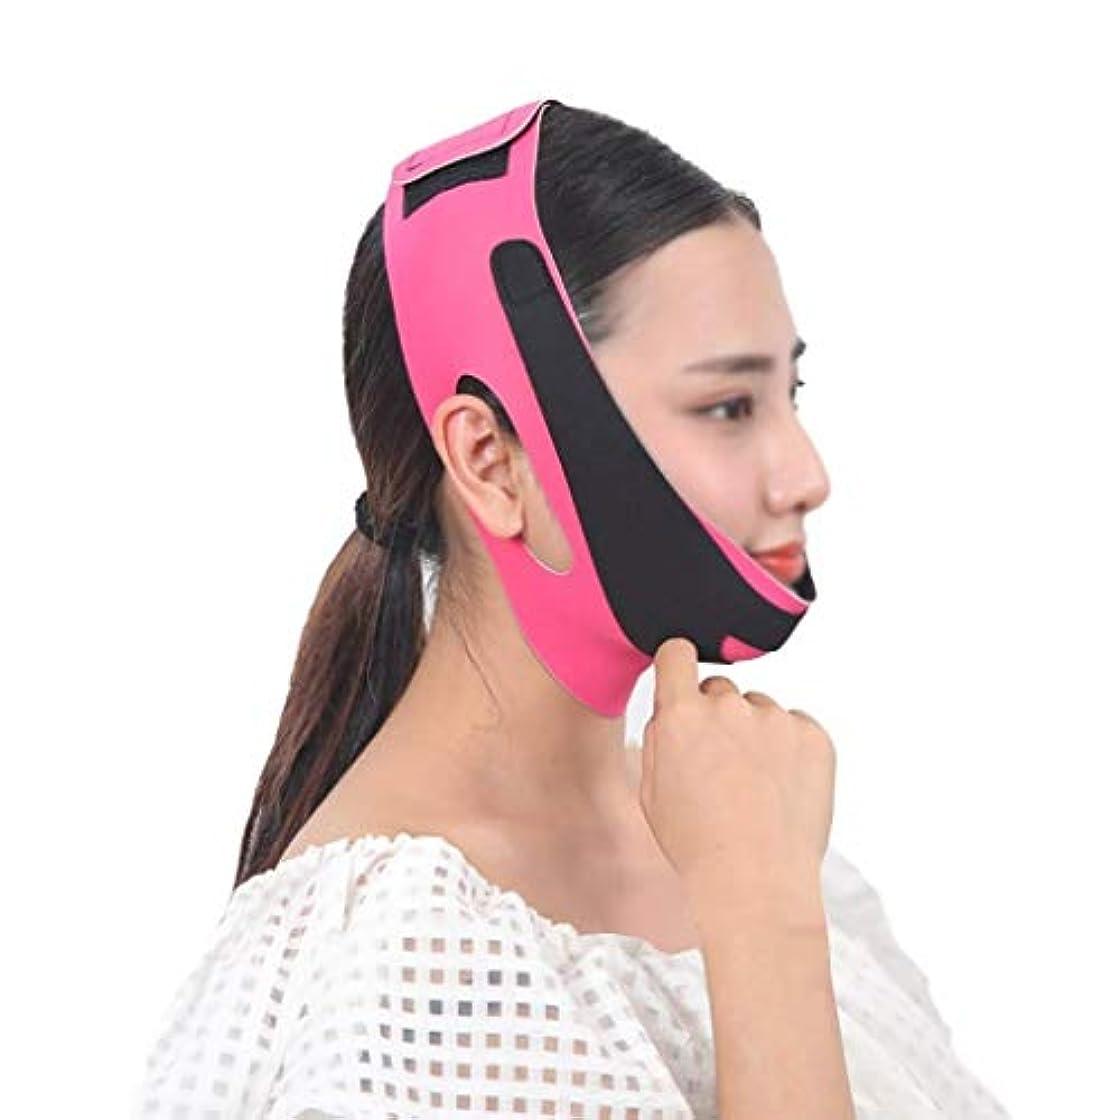 電気技師隠す請うフェイスアンドネックリフト術後弾性フェイスマスク小さなV顔アーティファクト薄い顔包帯アーティファクトV顔ぶら下げ耳リフティング引き締め薄い顔アーティファクト